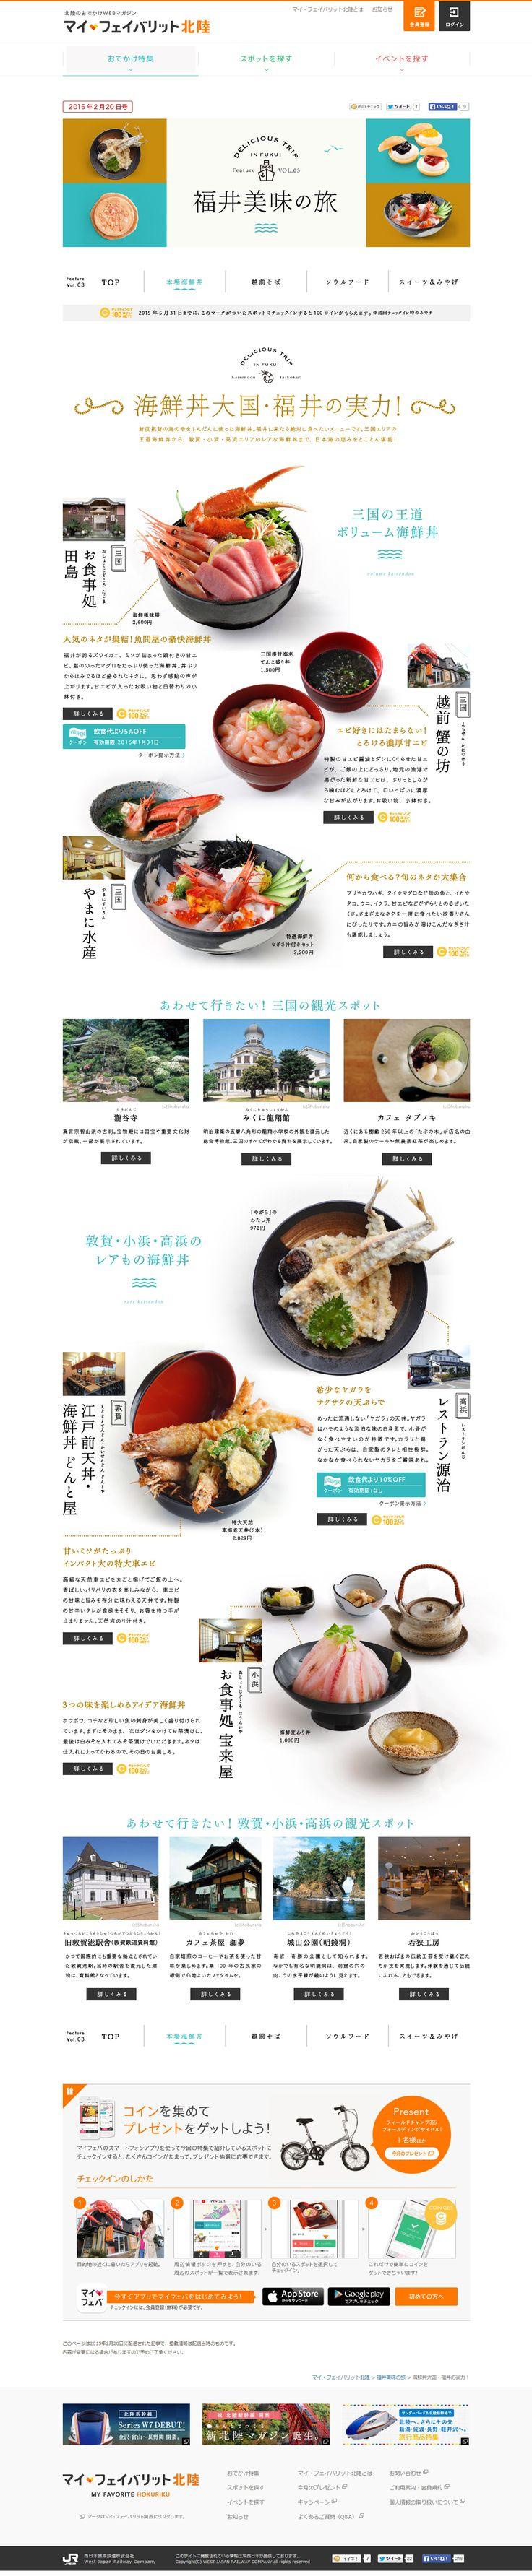 【特集Vol.3】海鮮丼大国・福井の実力!:福井美味の旅:マイ・フェイバリット北陸